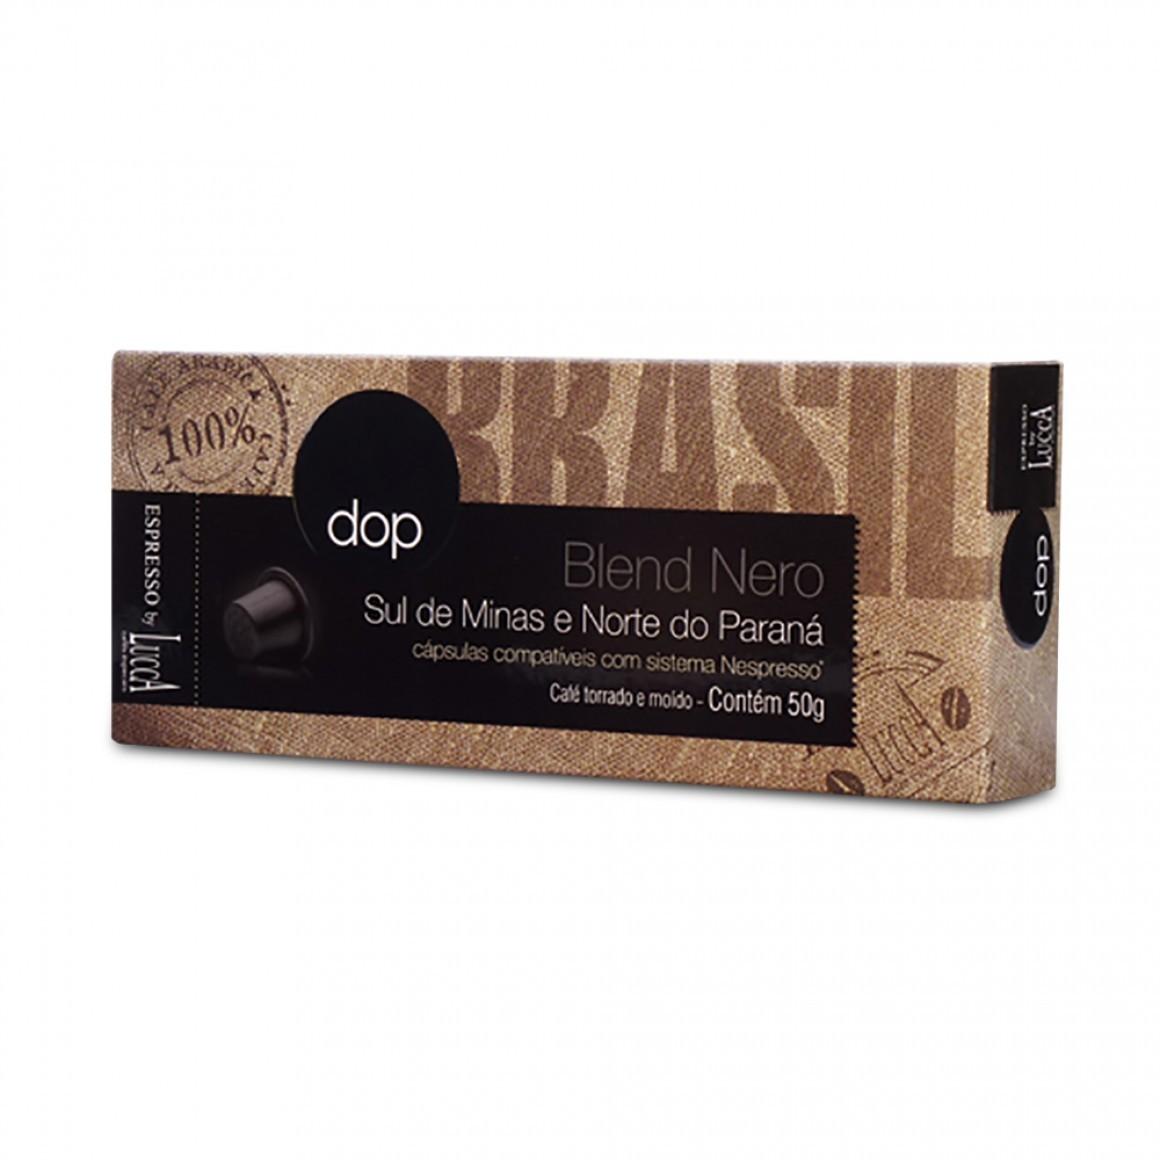 Cápsulas de Café Compatíveis com Nespresso Dop Blend Nero com 10 unidades